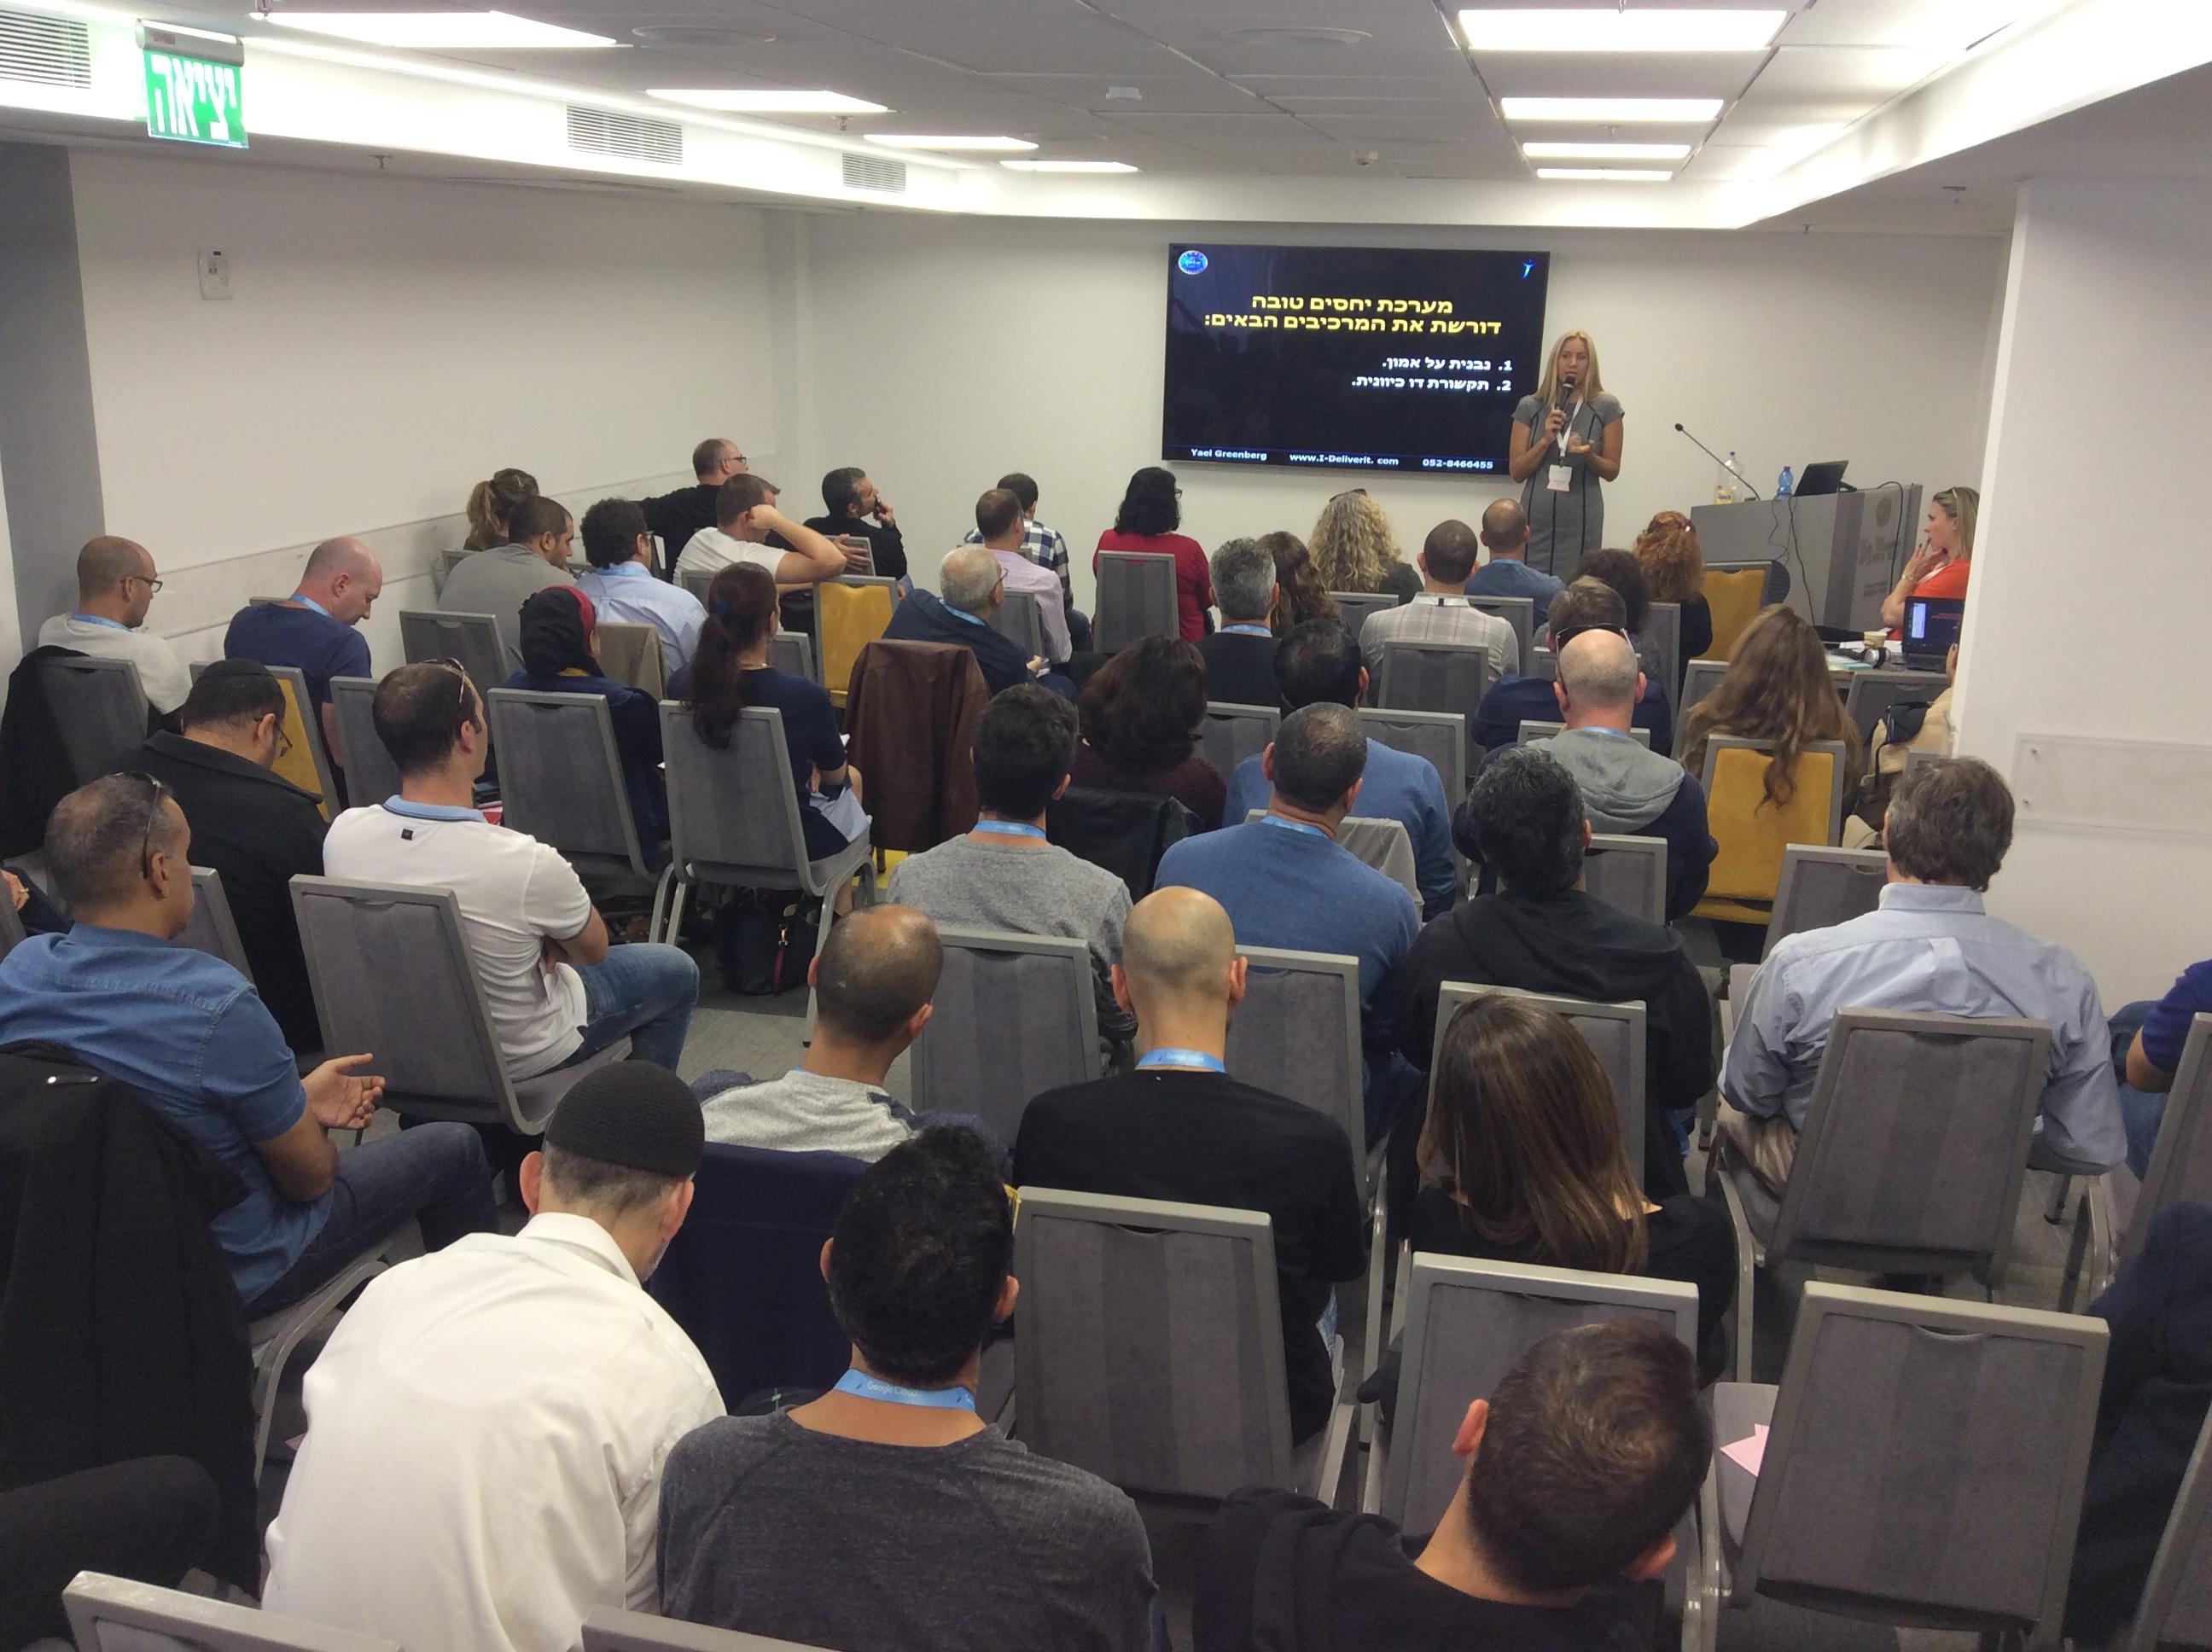 הרצאה חוויתית לחברות וארגונים